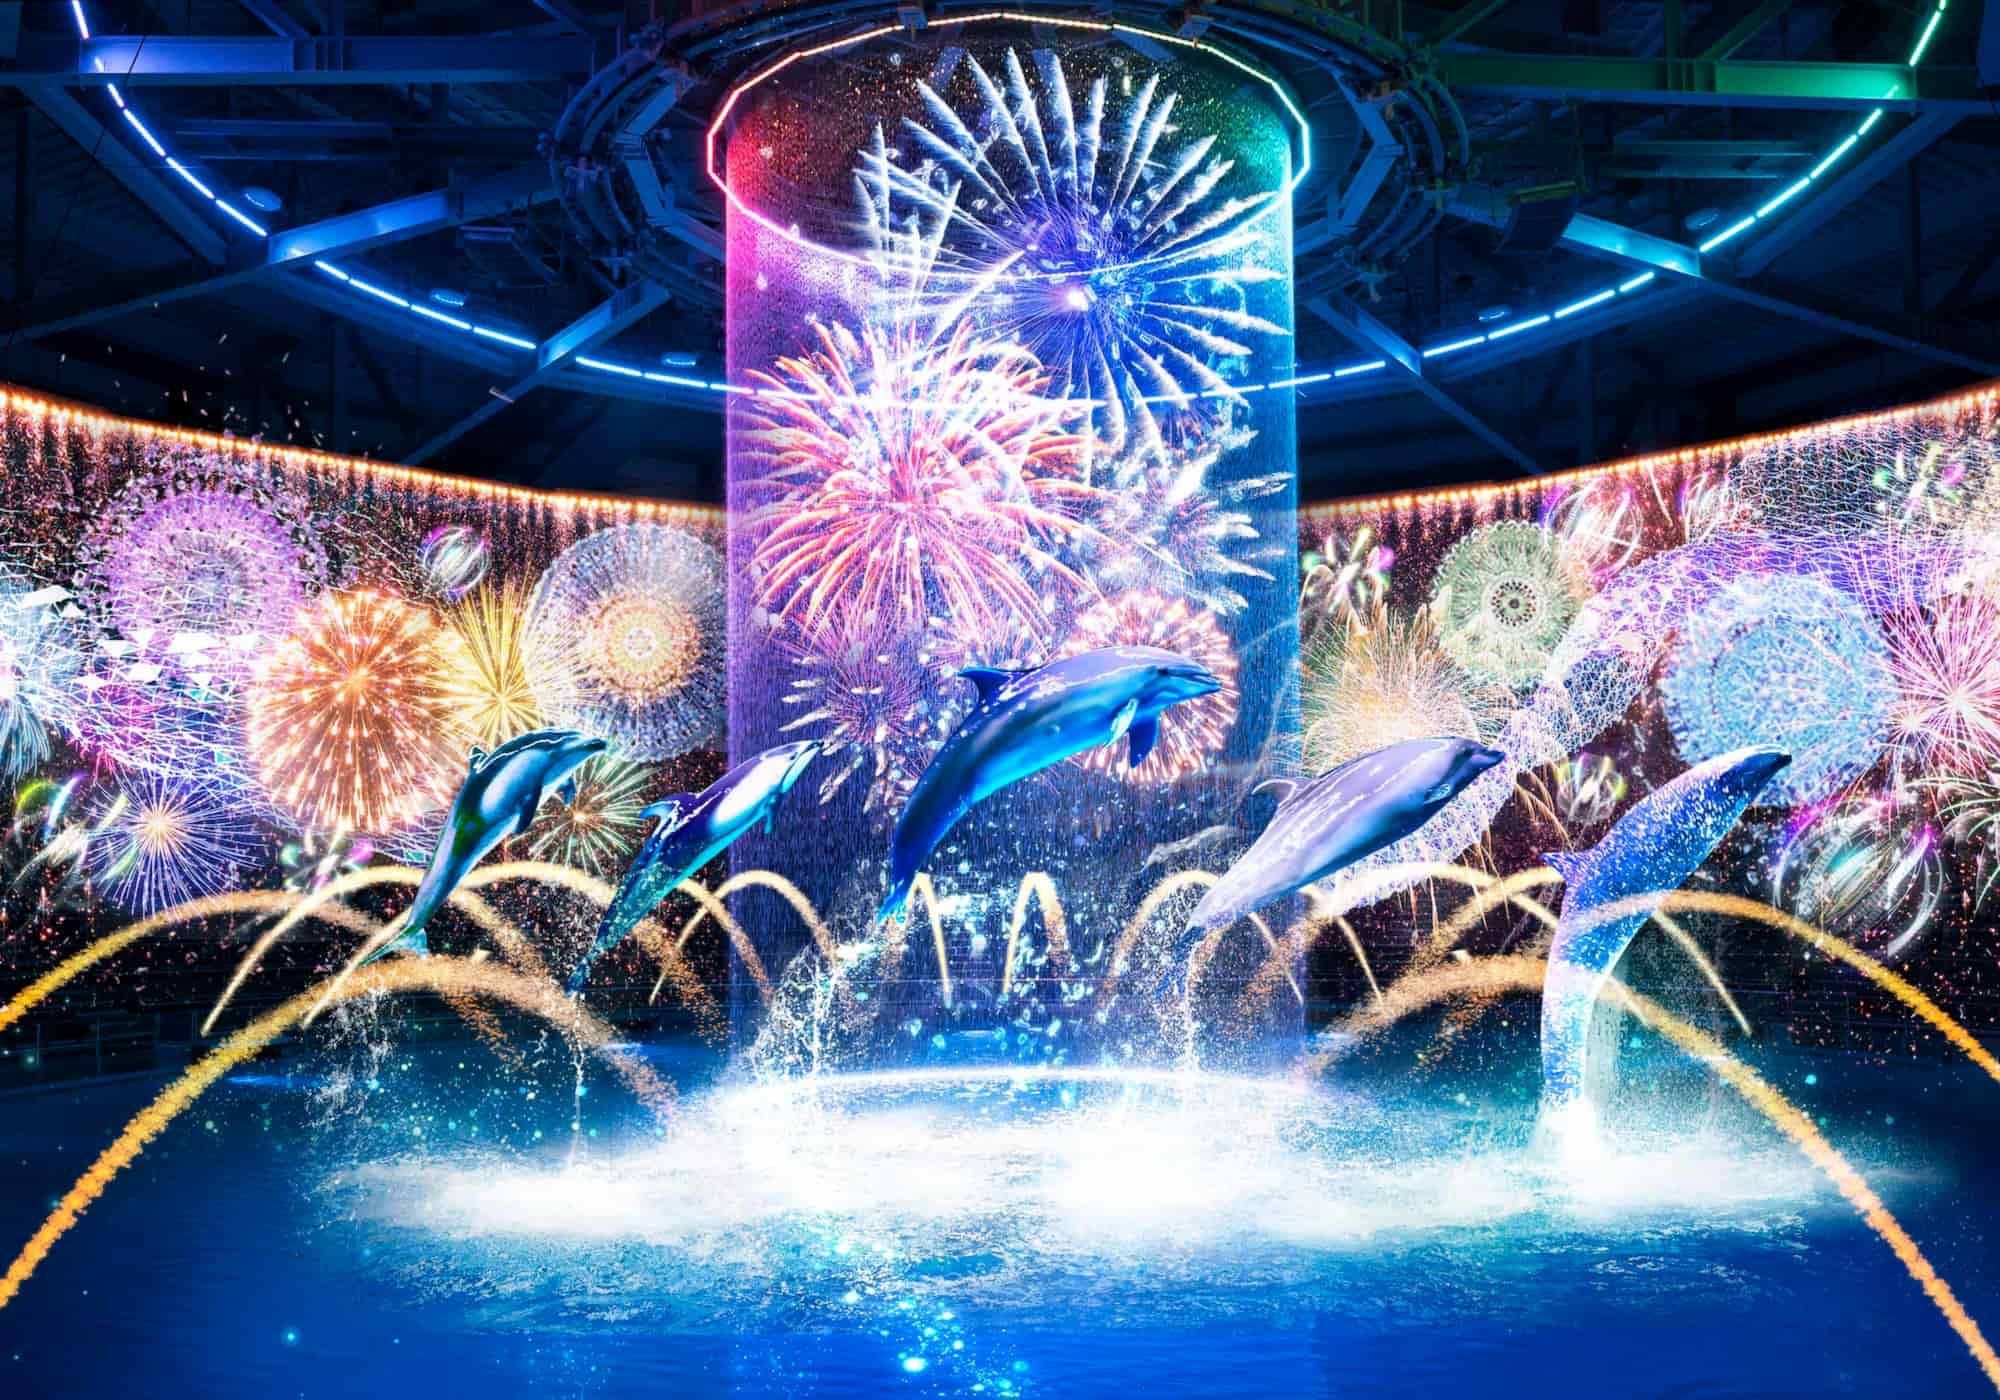 ドルフィンパフォーマンス ナイトver.「瑠璃花火-Digital Fireworks-」